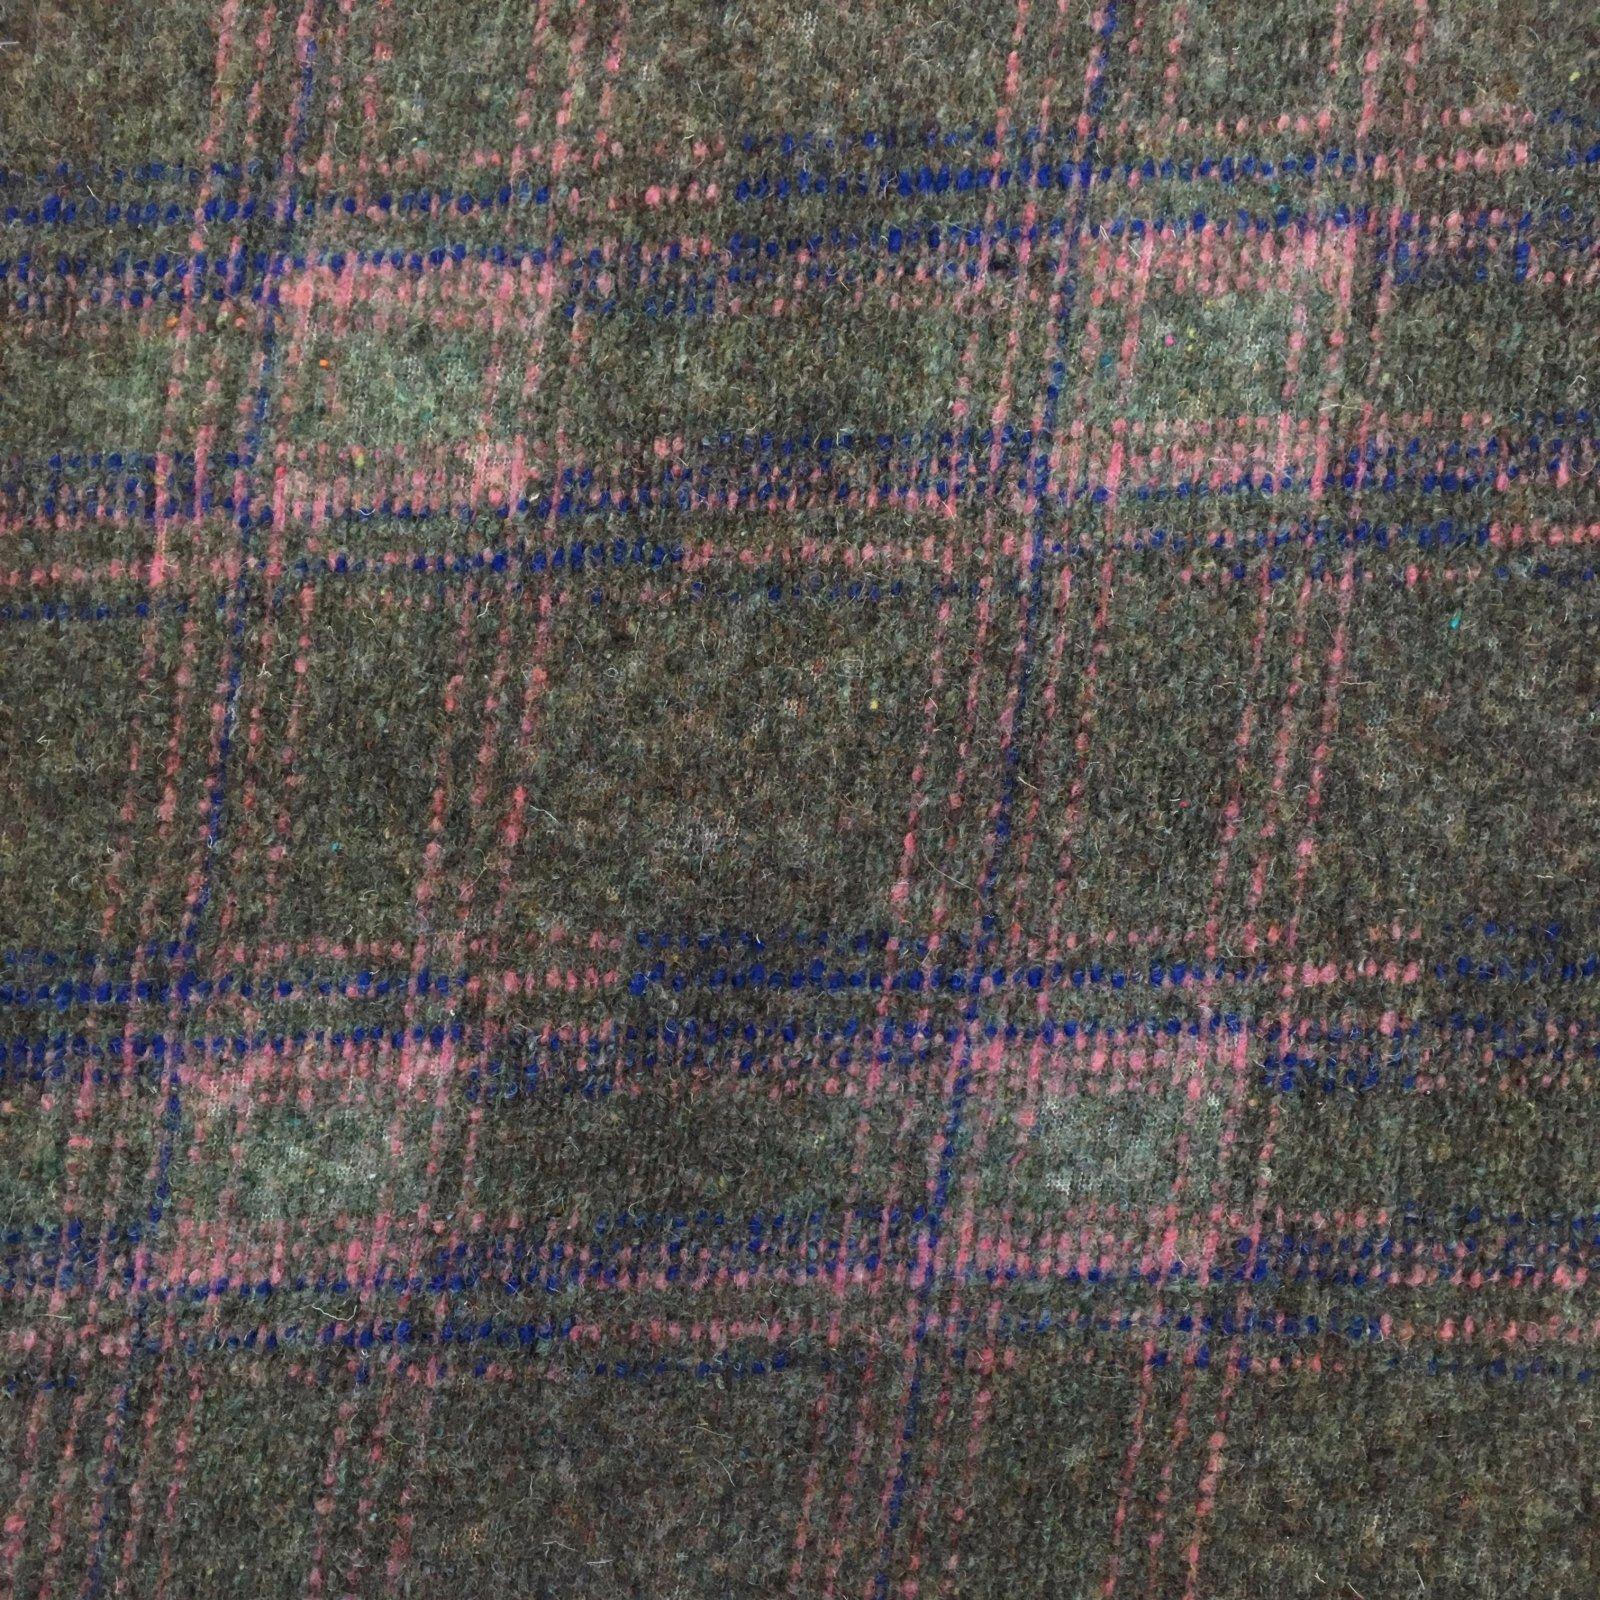 Italian Wool Sweater Knit - Pink/Blue Plaid